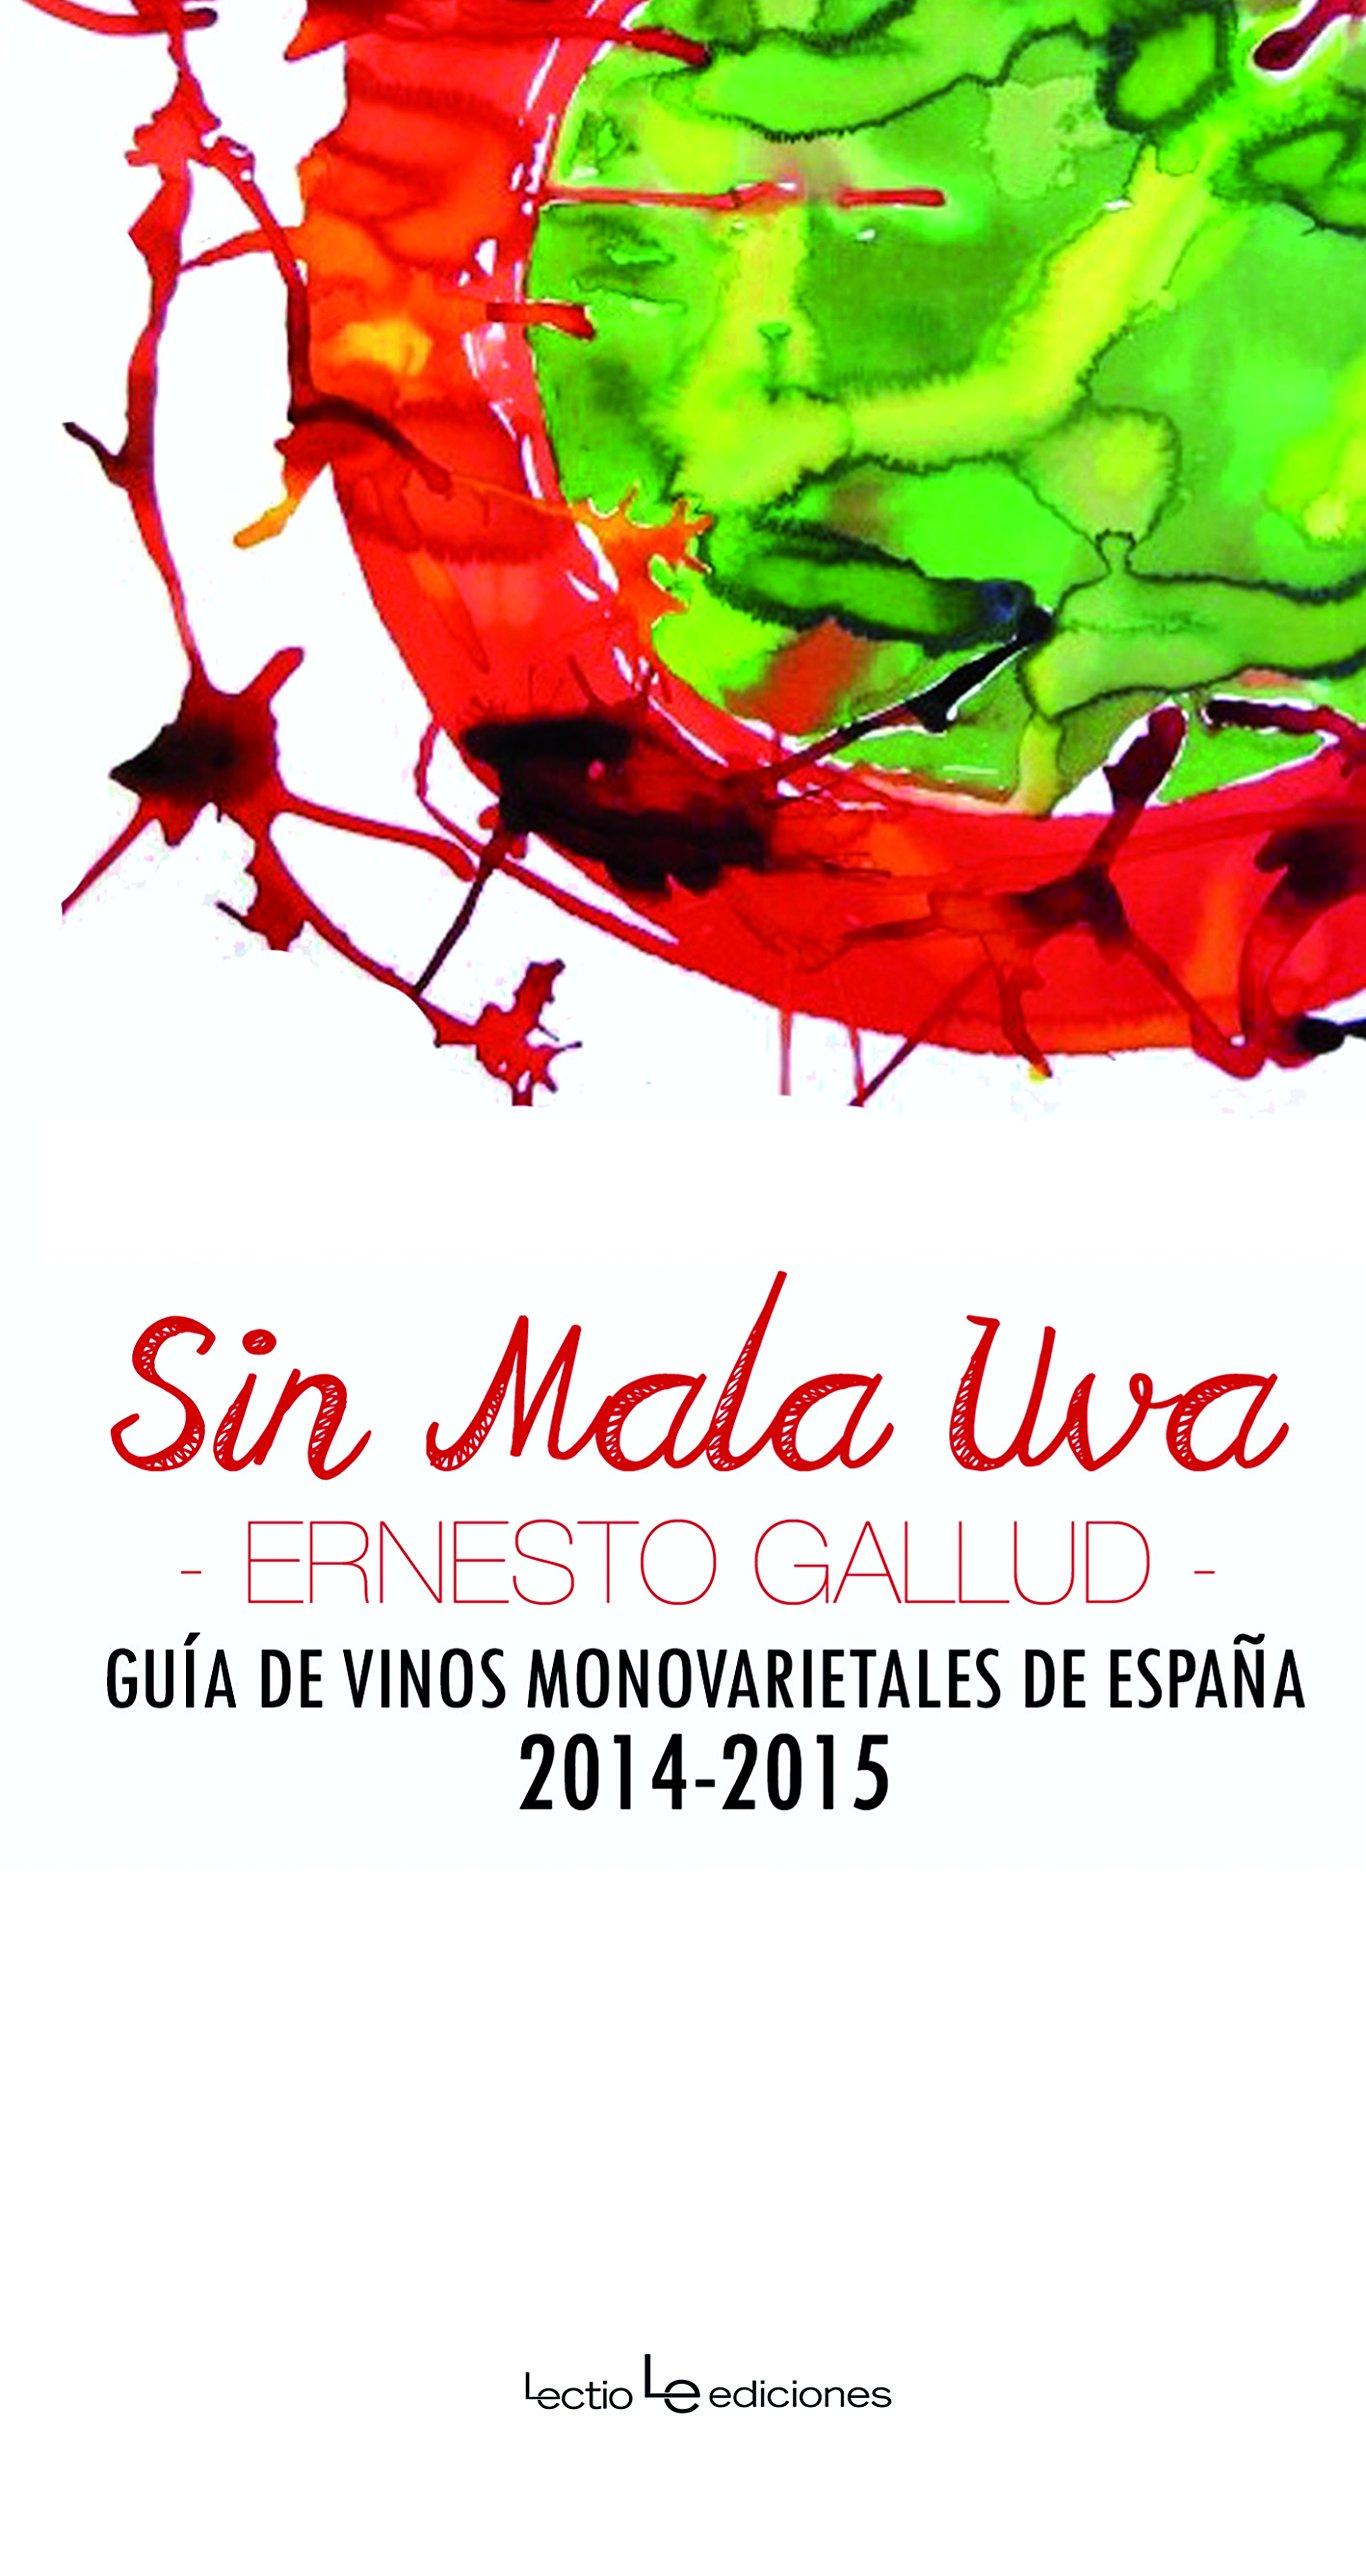 Sin mala uva: Guía de vinos monovarietales de España 2014-2015 Otros: Amazon.es: Gallud, Ernesto: Libros